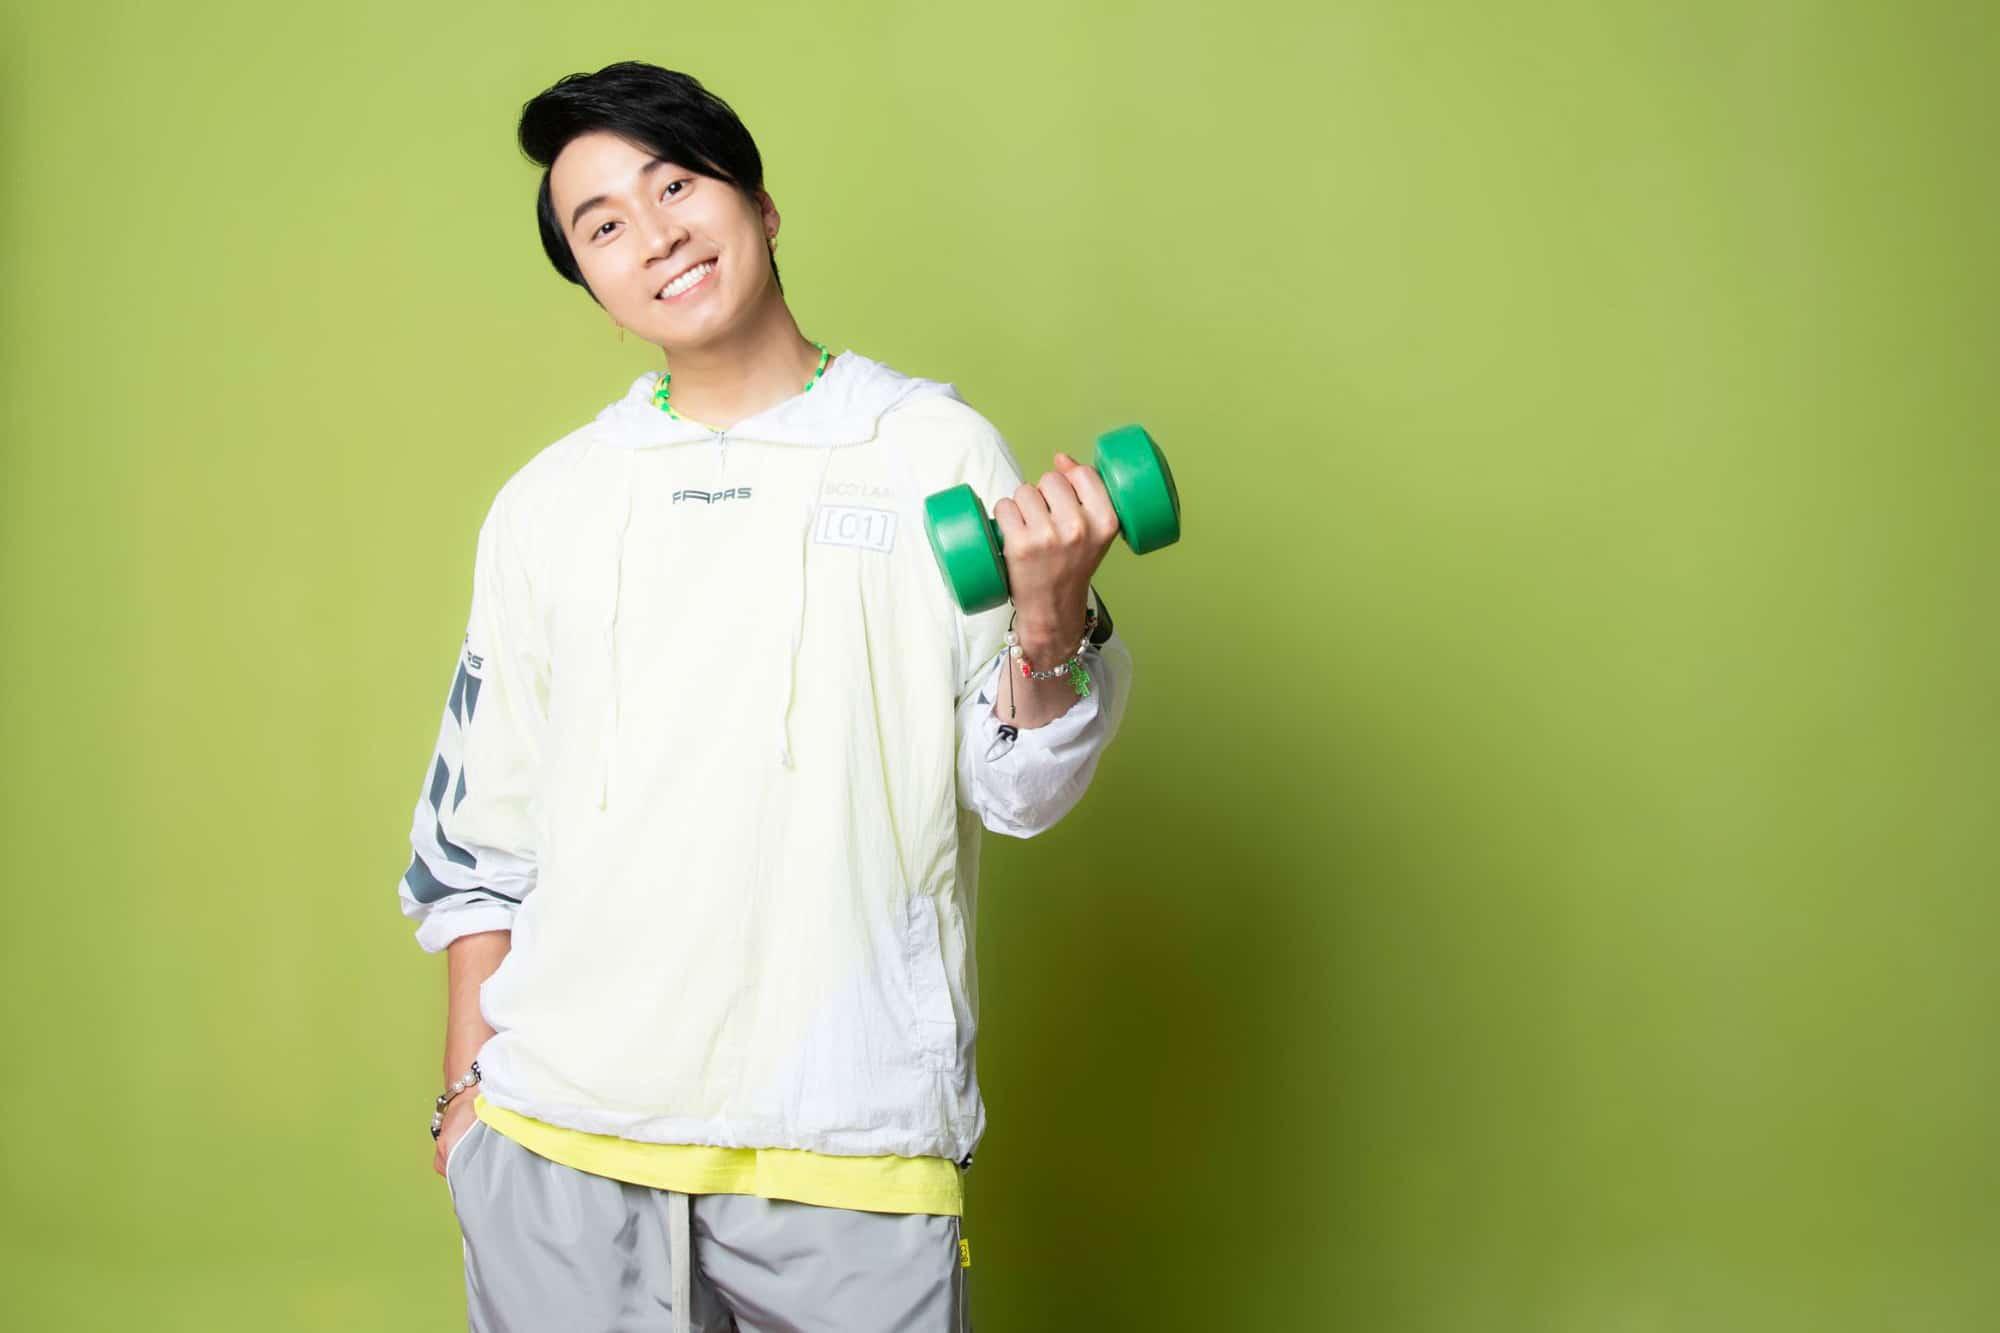 Thông qua MV, Karik mong muốn mọi người duy trì lối sống lành mạnh, sử dụng thực phẩm dinh dưỡng để nâng cao sức khỏe